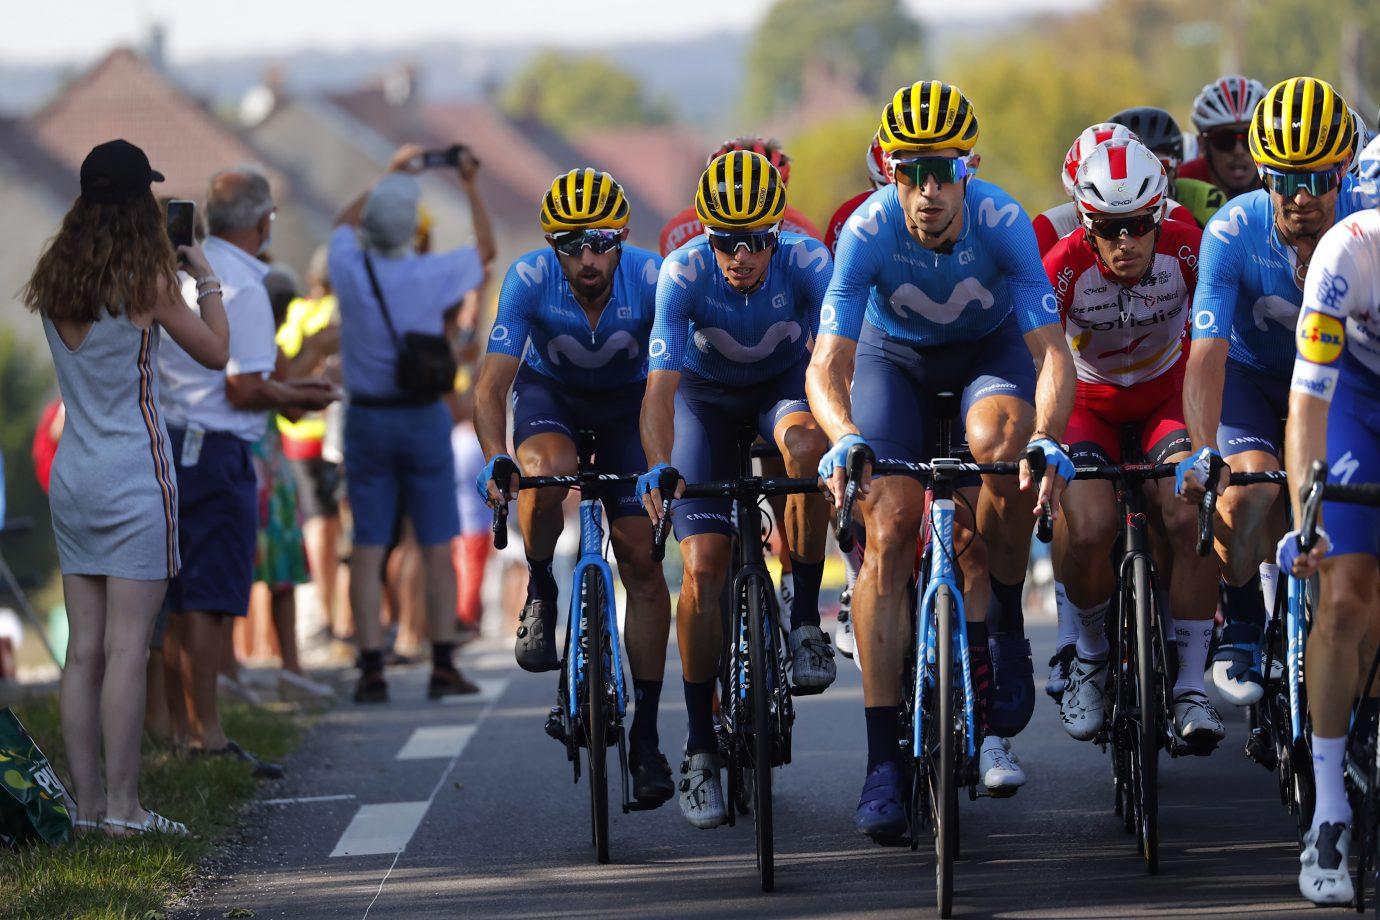 Imagen de la noticia 'Mas, Valverde face last big battle'